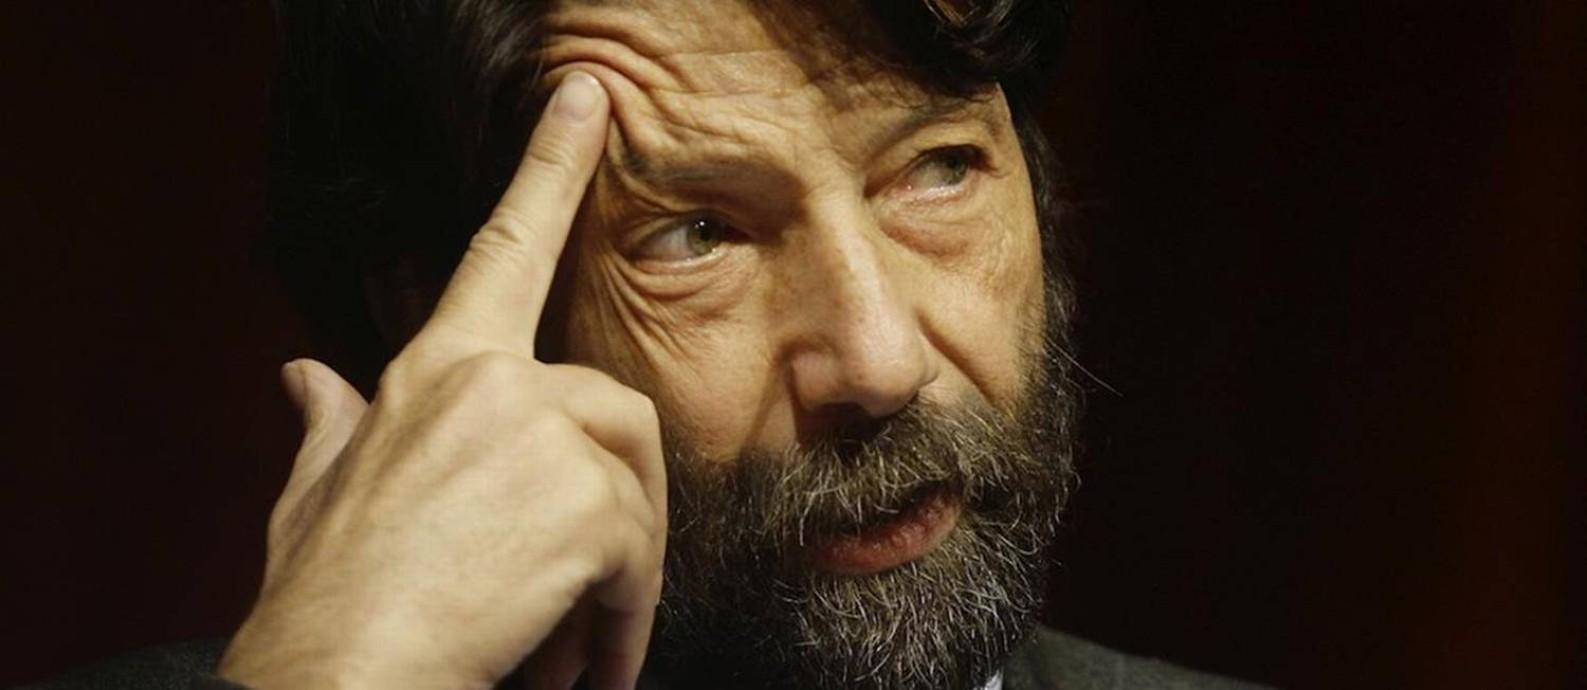 Filósofo político e ex-prefeito de Veneza, Massimo Cacciari é uma das vozes mais ressonantes da esquerda italiana Foto: Editora Âyiné